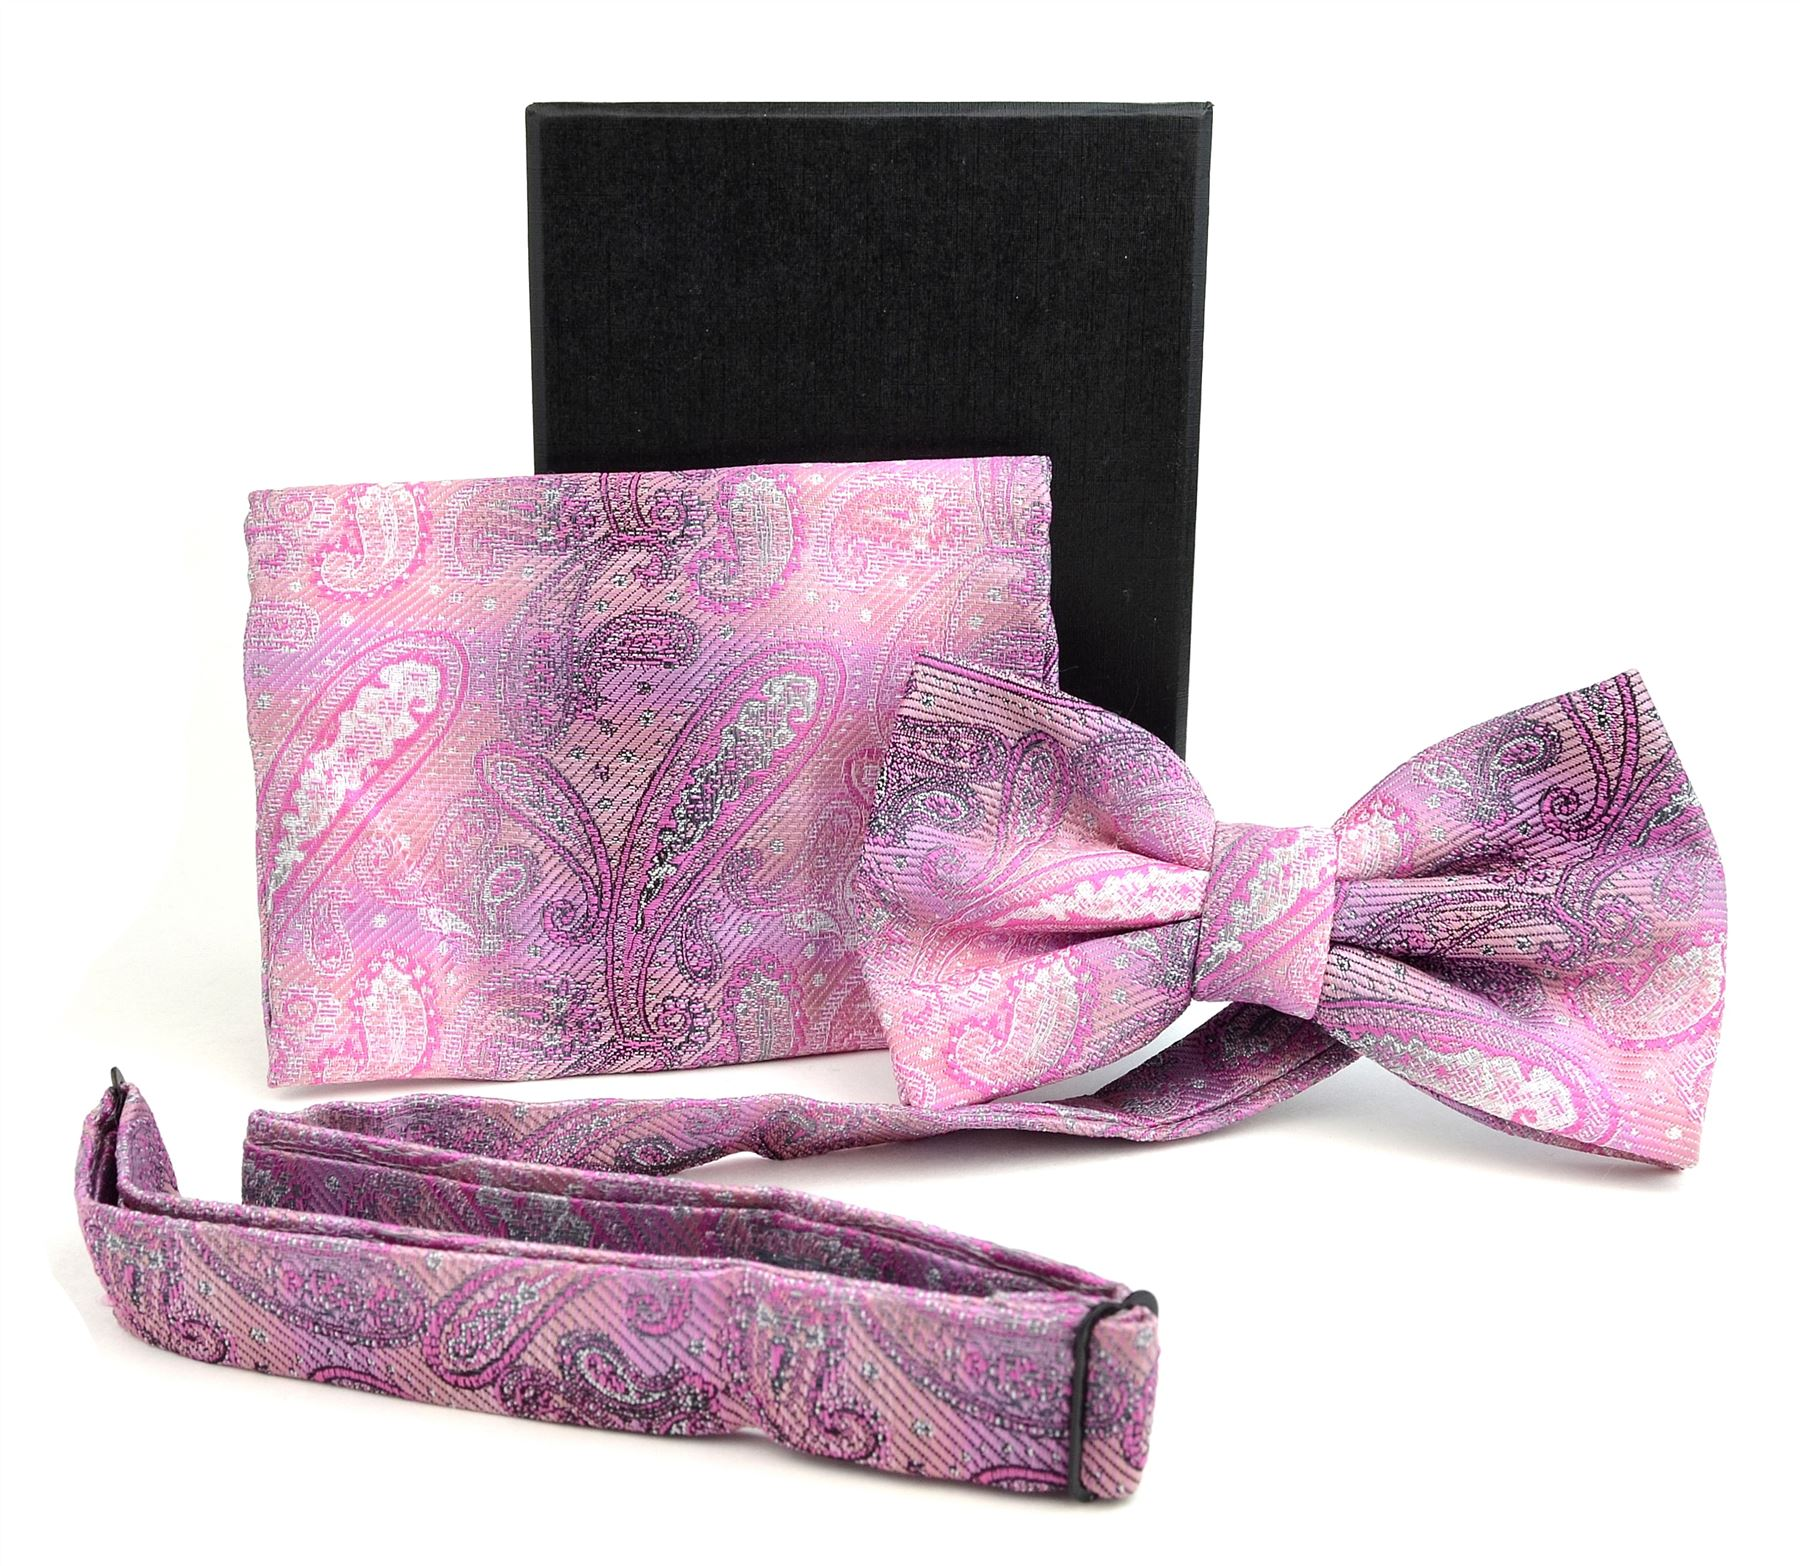 Moda Di Raza- Men Bowtie Handkercheif Set Premium Woven Fabric Satin Silk - Pink